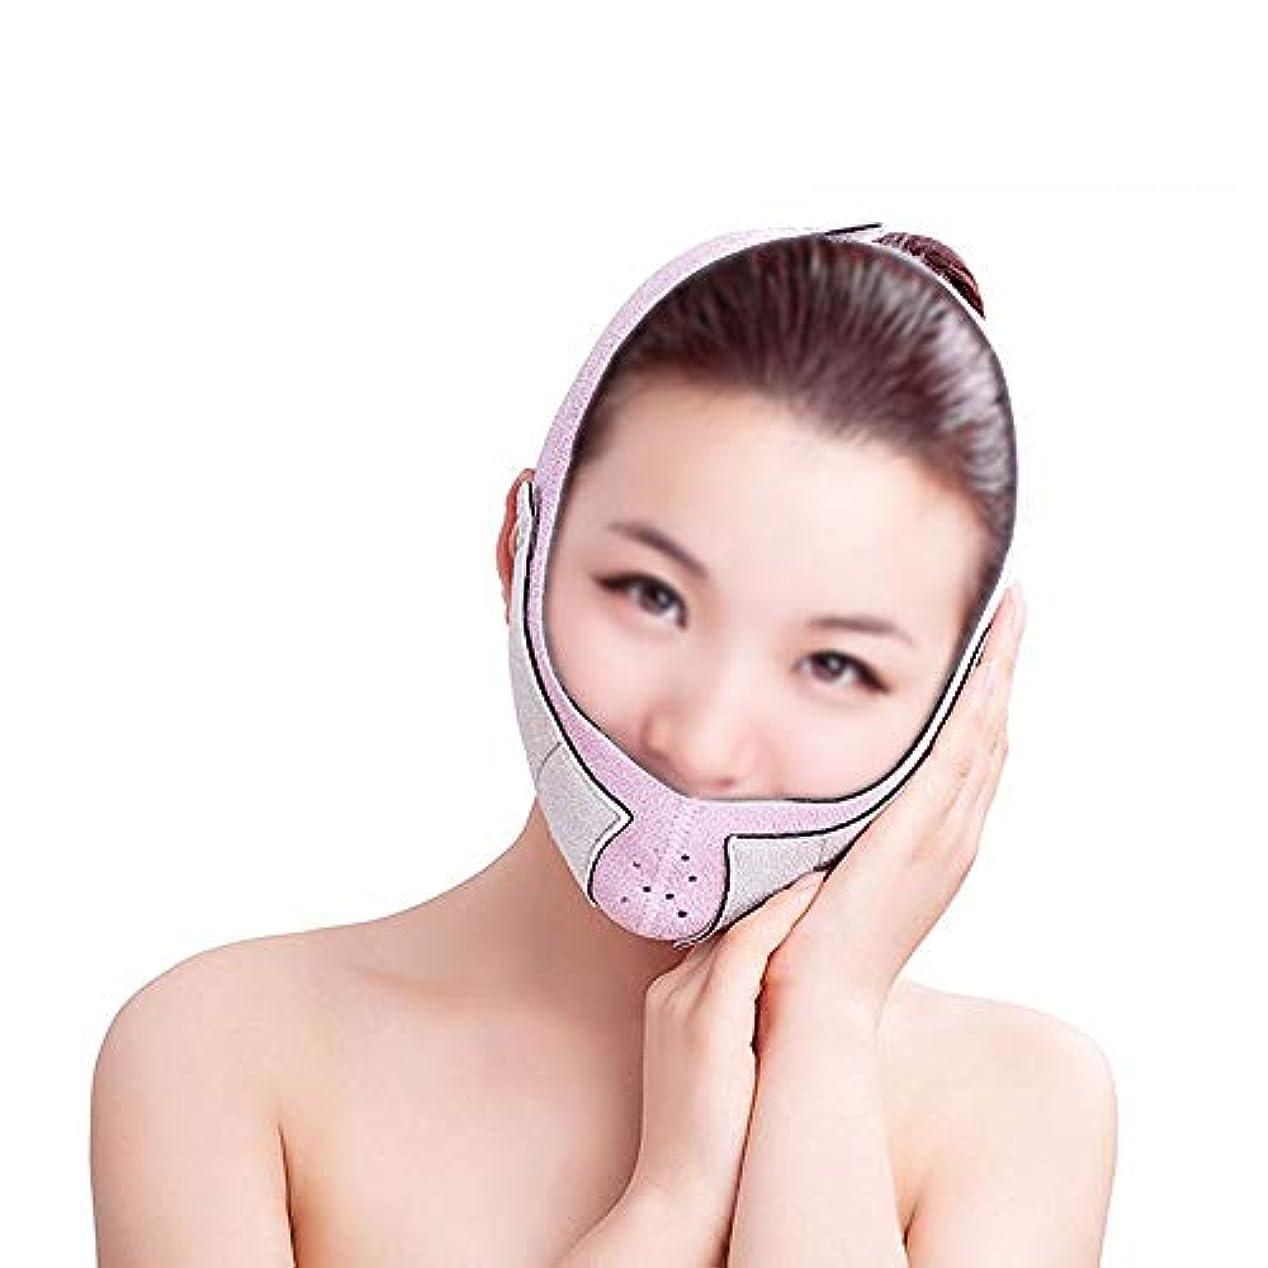 あなたのものビジュアルこれまでXHLMRMJ フェイスリフトマスク、痩身ベルト薄いフェイスマスク強力な持ち上げ小さなV顔薄い顔包帯美容フェイスリフティングデバイス